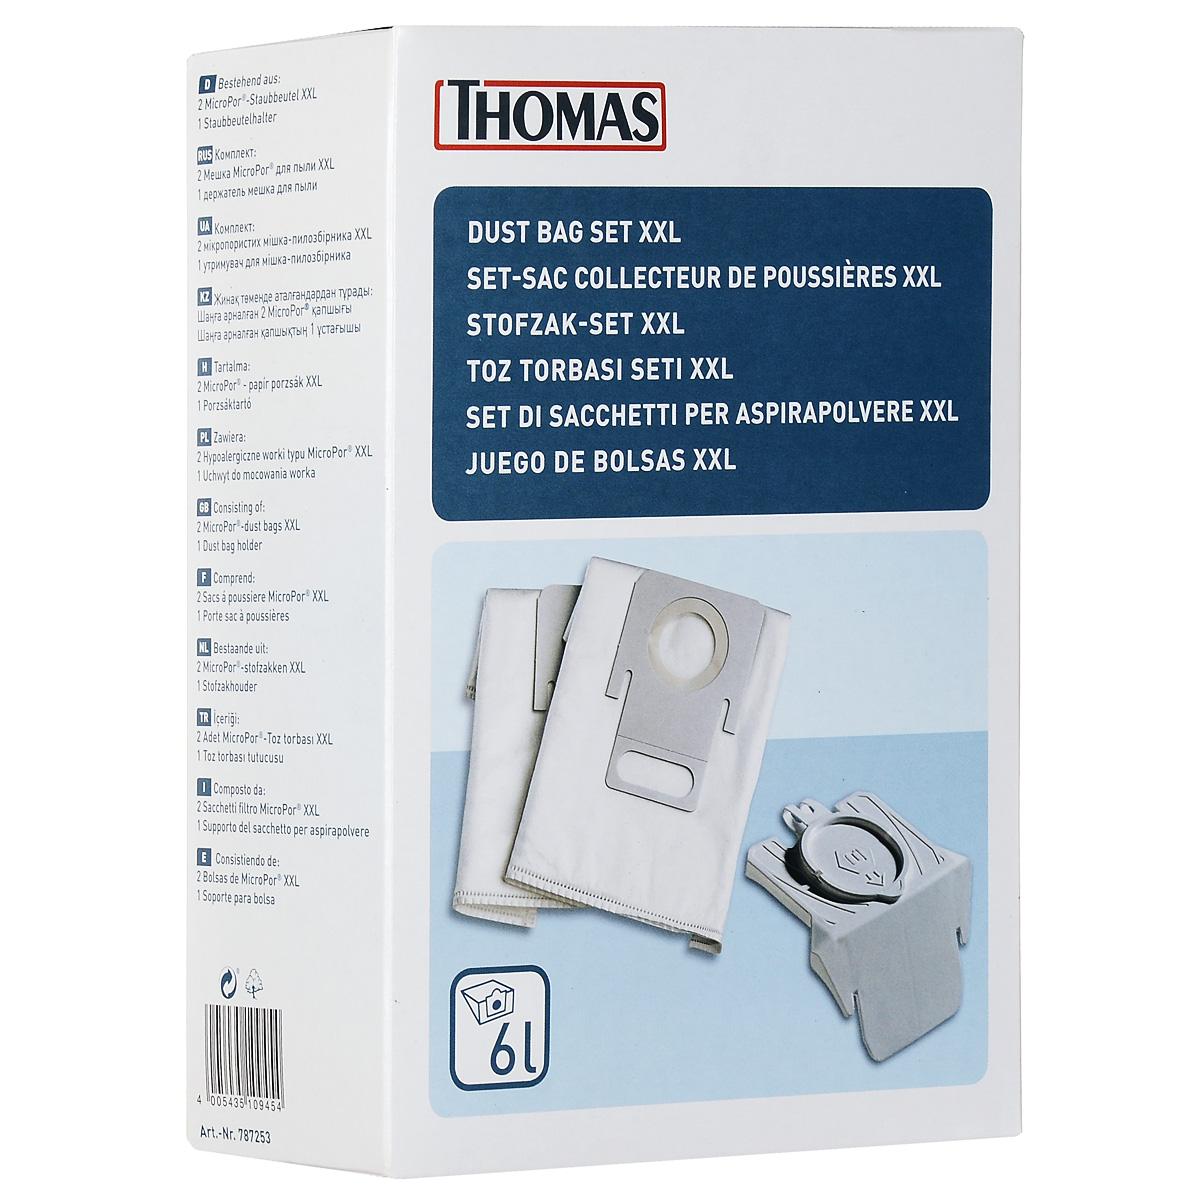 Thomas 787253 мешок для пылесоса, 2 шт + крепление XXL для моделей ХТ, TWIN787253Два мешка для пылесоса Thomas с креплением. Мешки увеличенного объема.